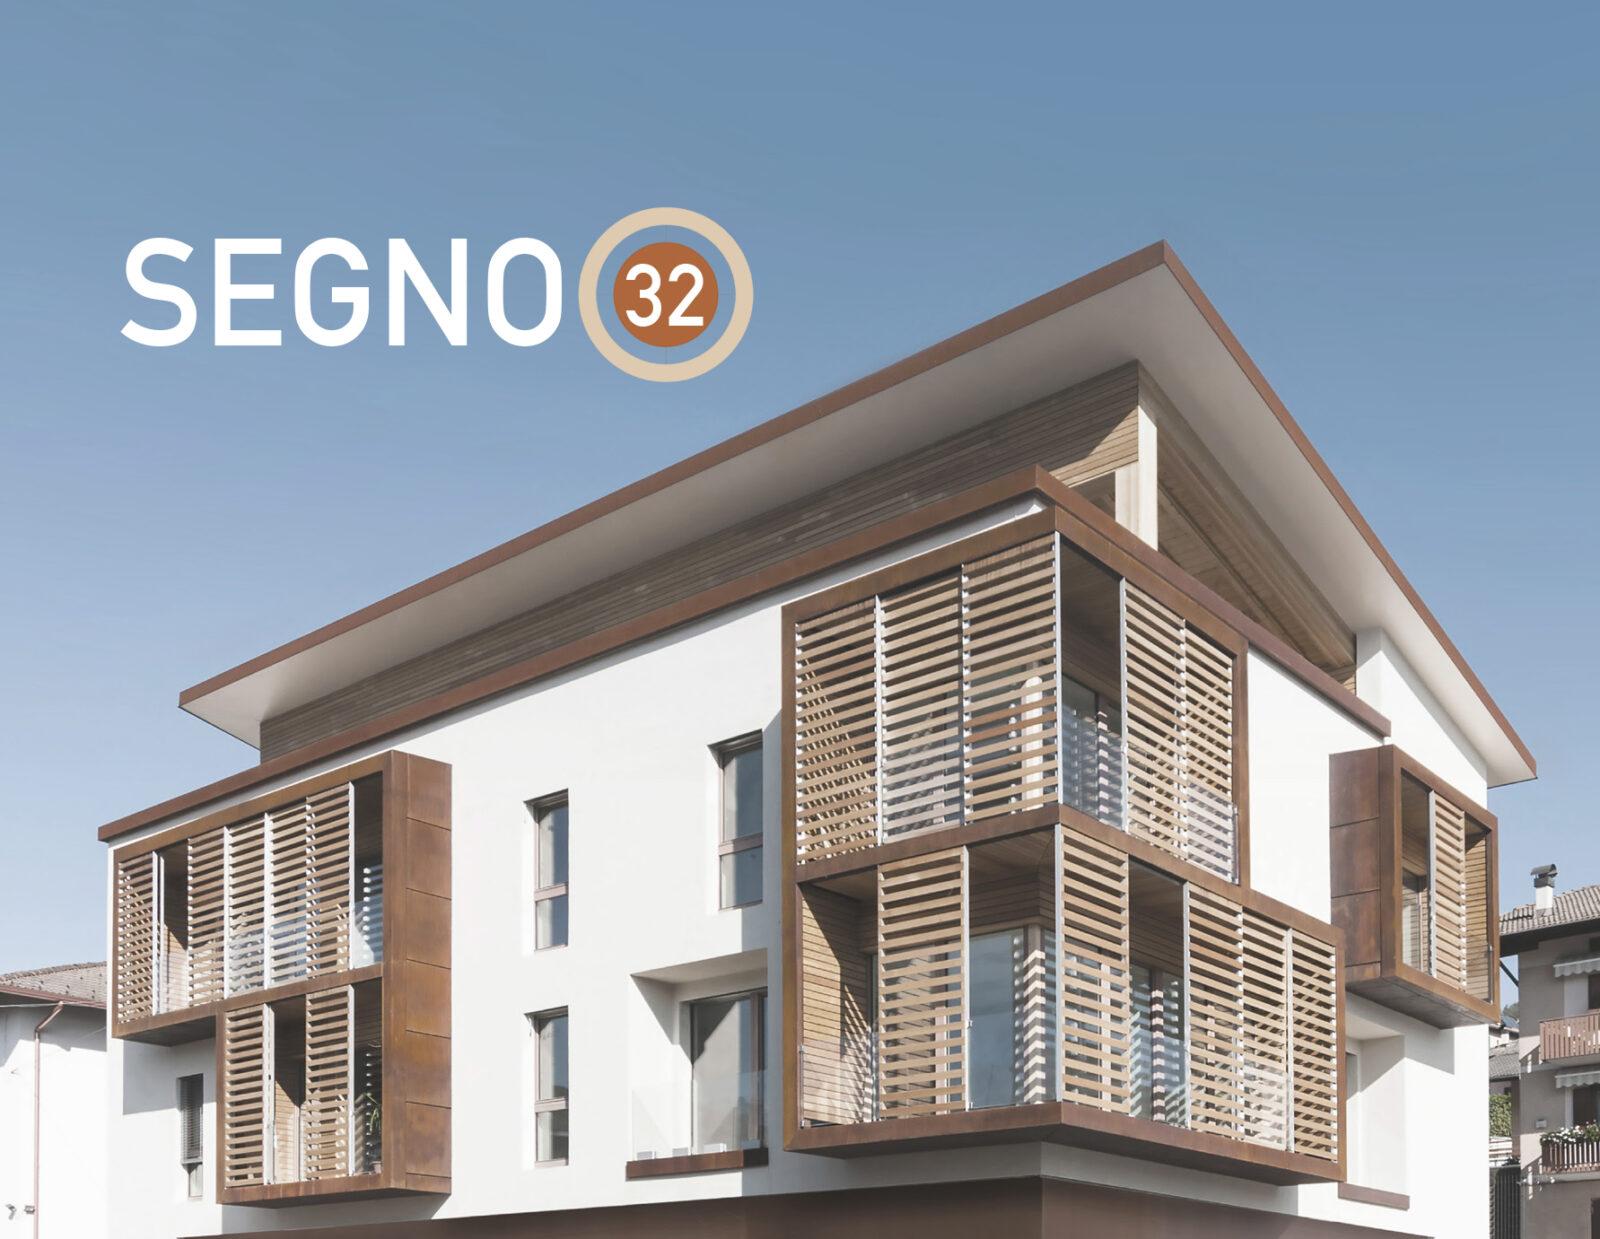 Segno 32 - Realizzazione Covi Costruzioni